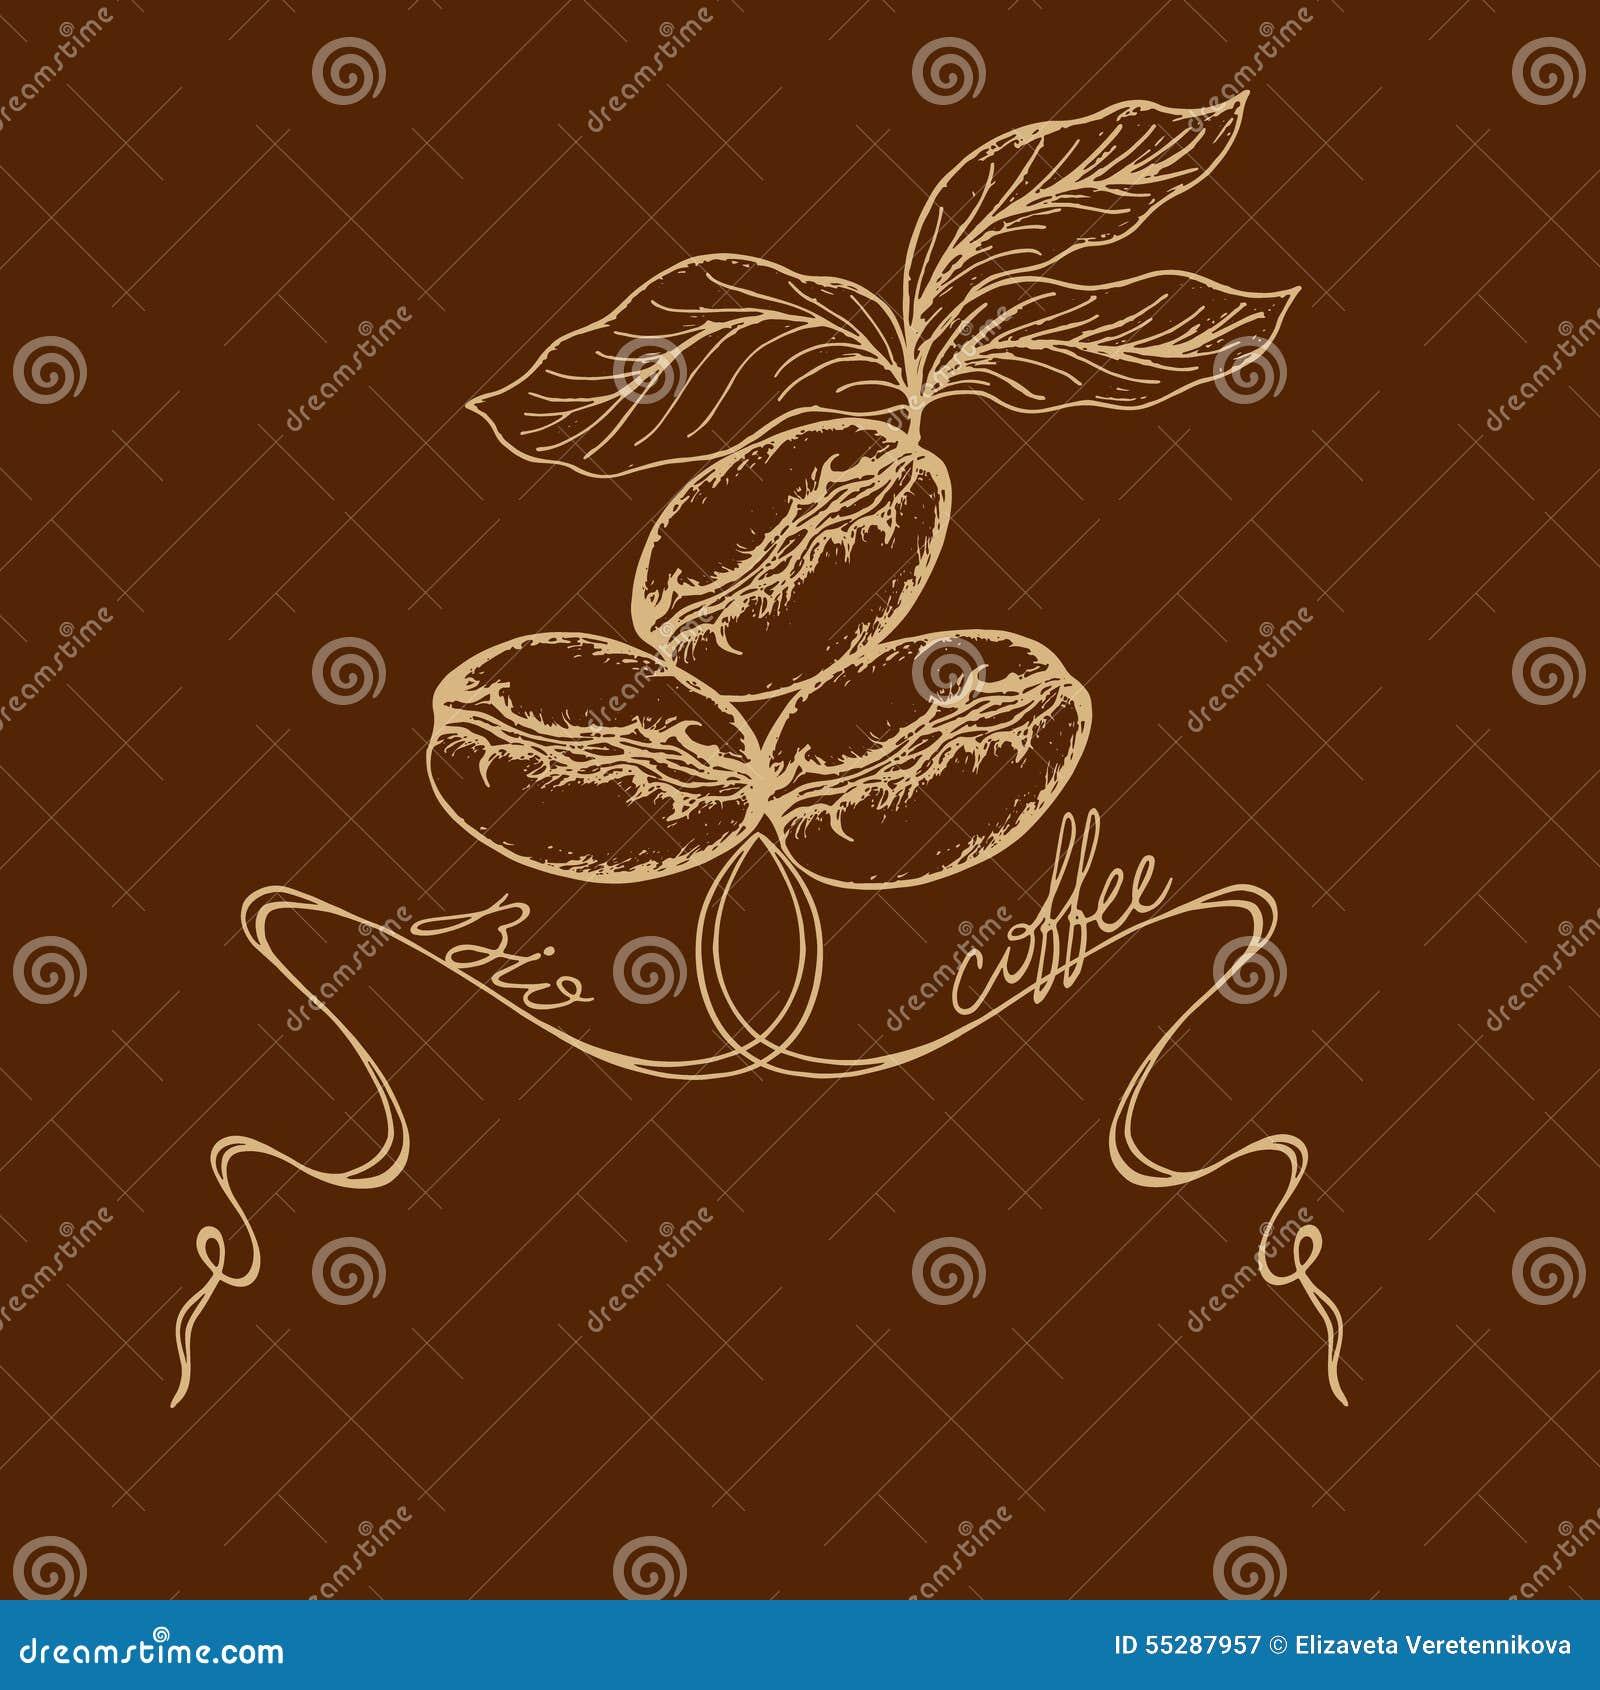 与咖啡叶子和生物咖啡题字的被绘的咖啡豆.图片